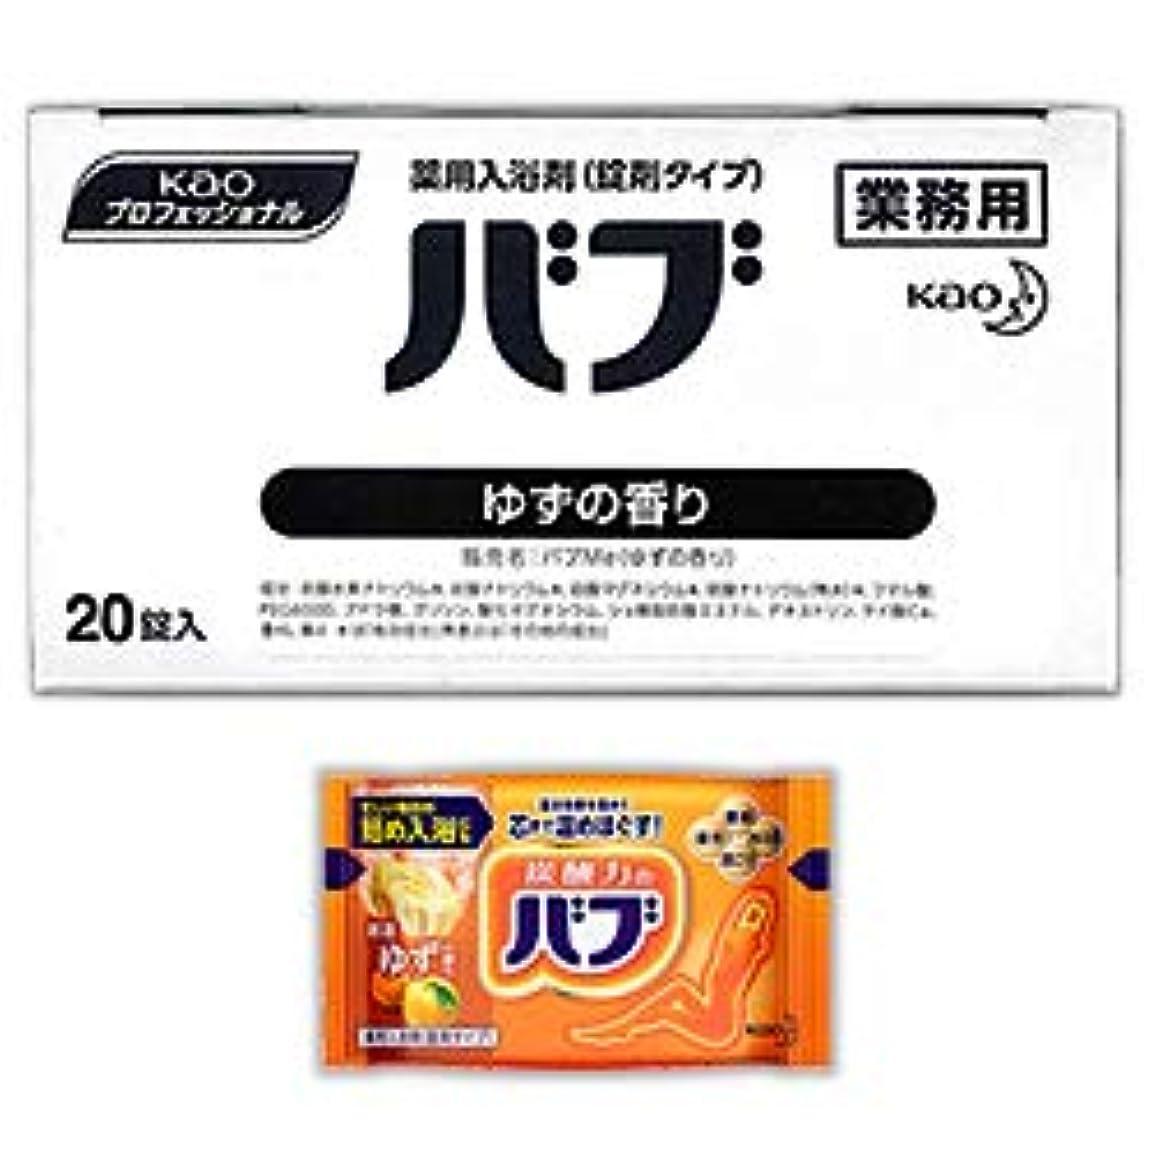 ファシズム固執それぞれ【花王】バブ ゆずの香り(業務用)40g 20錠入